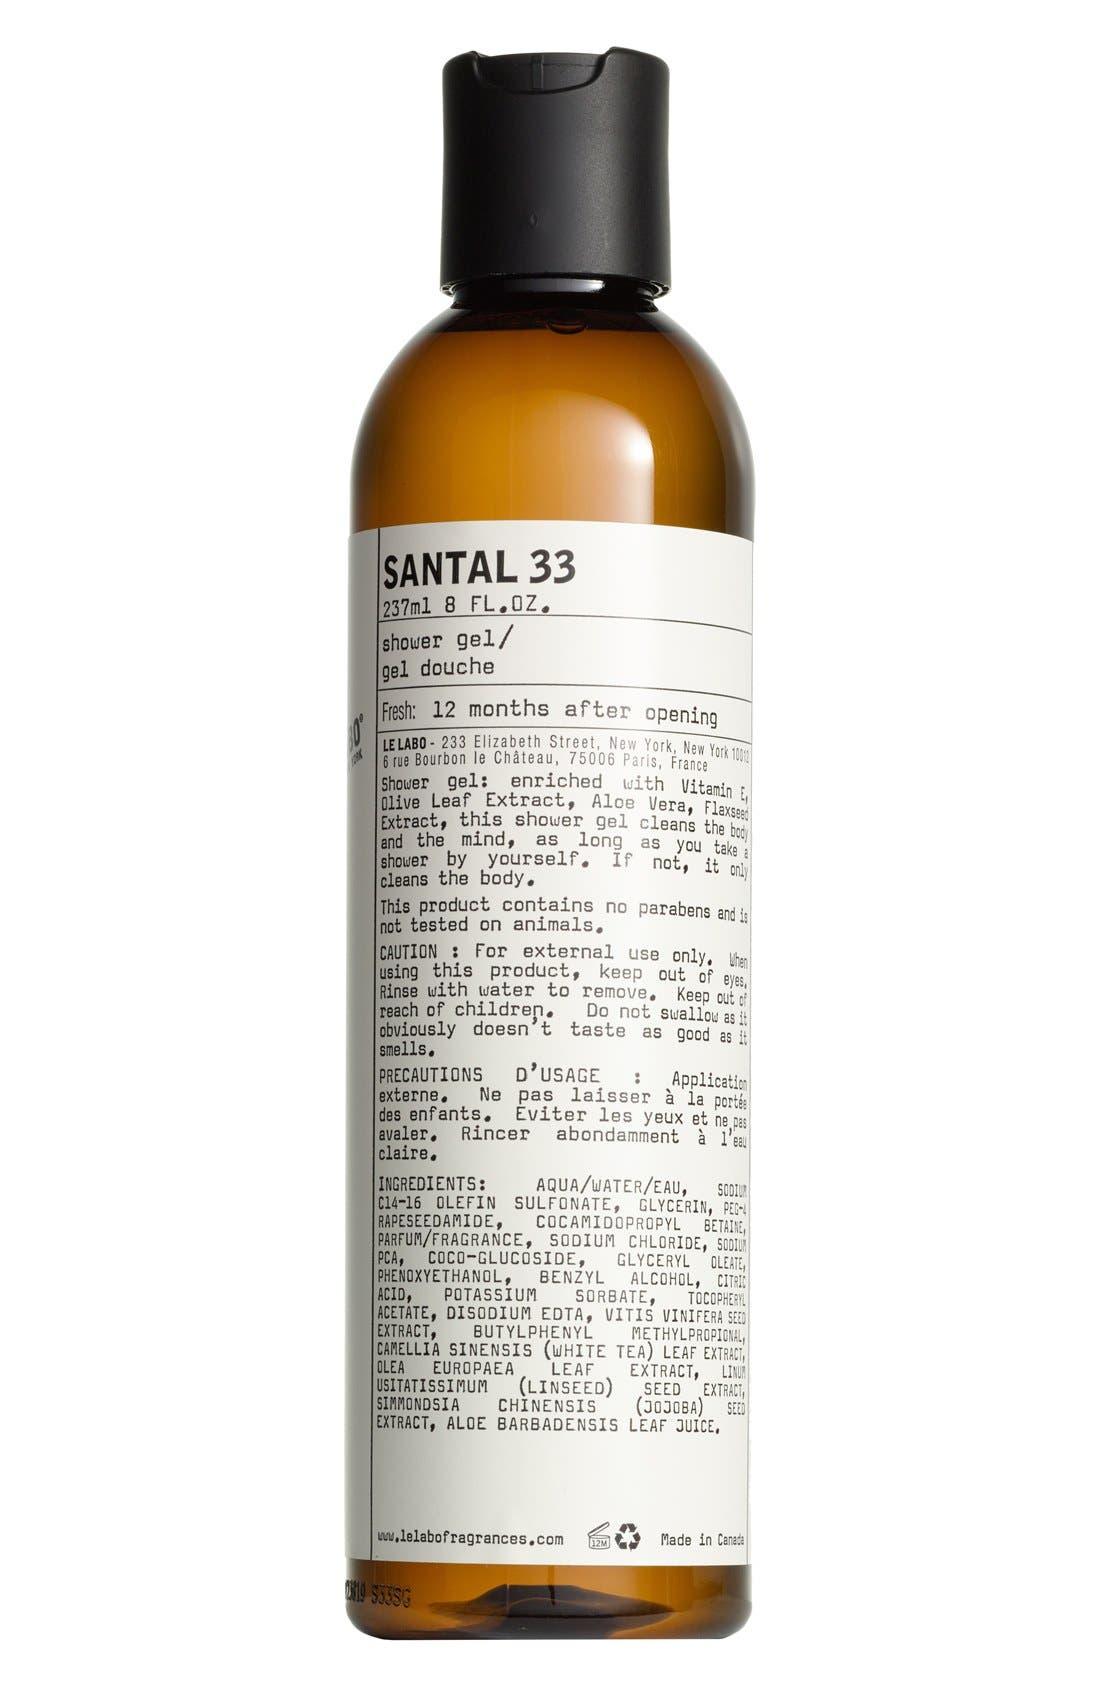 Santal 33 Shower Gel | Nordstrom